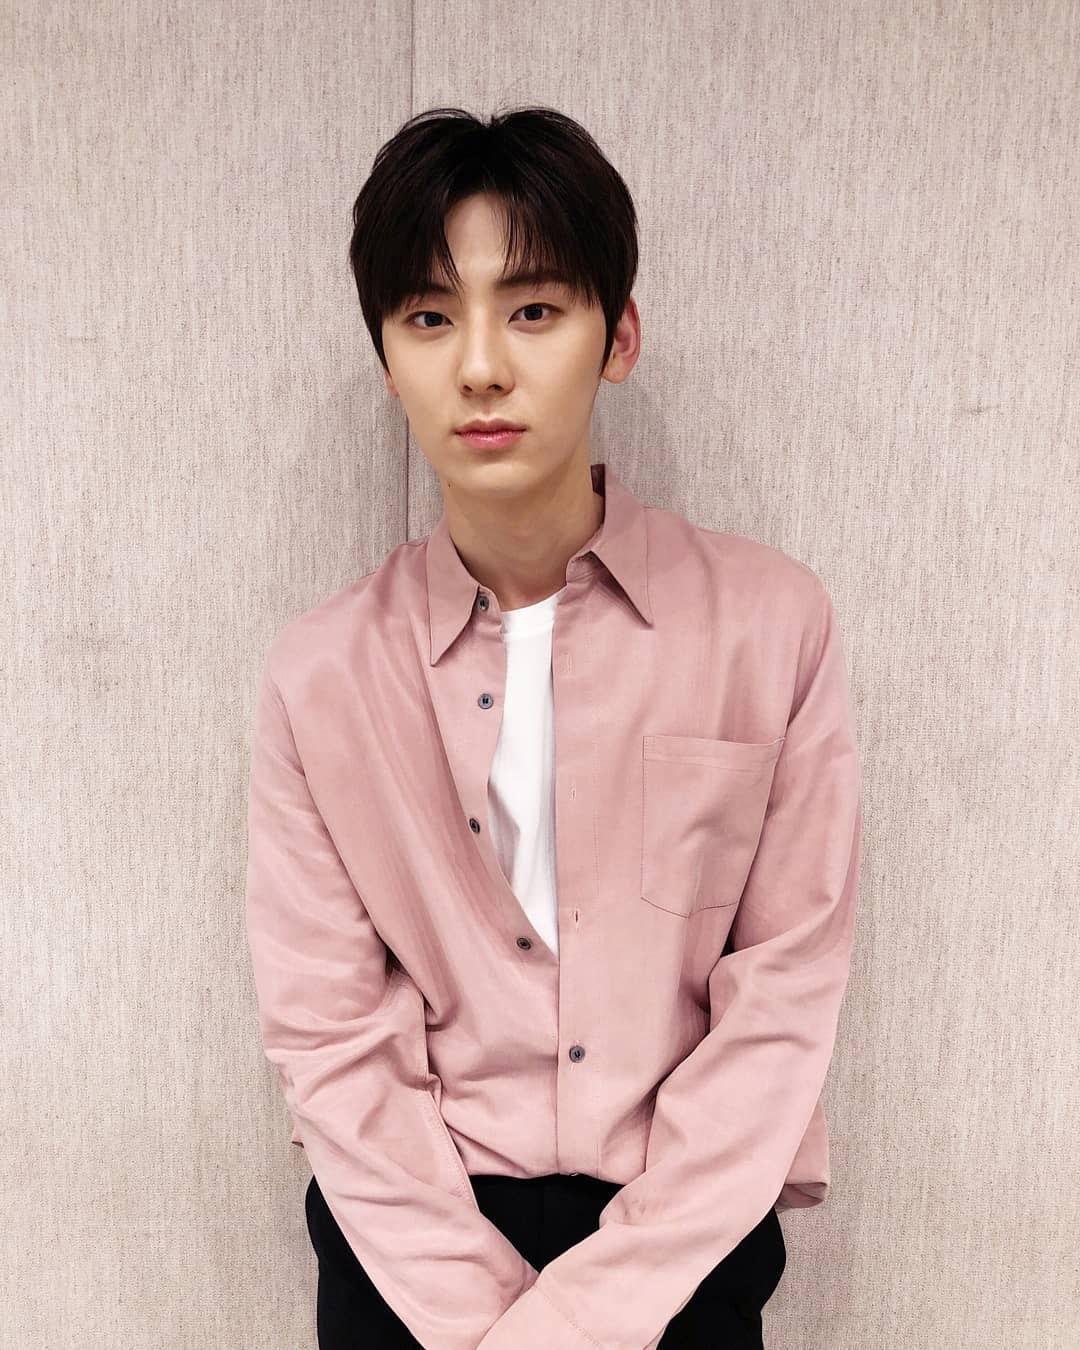 第一名 : NU'EST - 黃旼炫